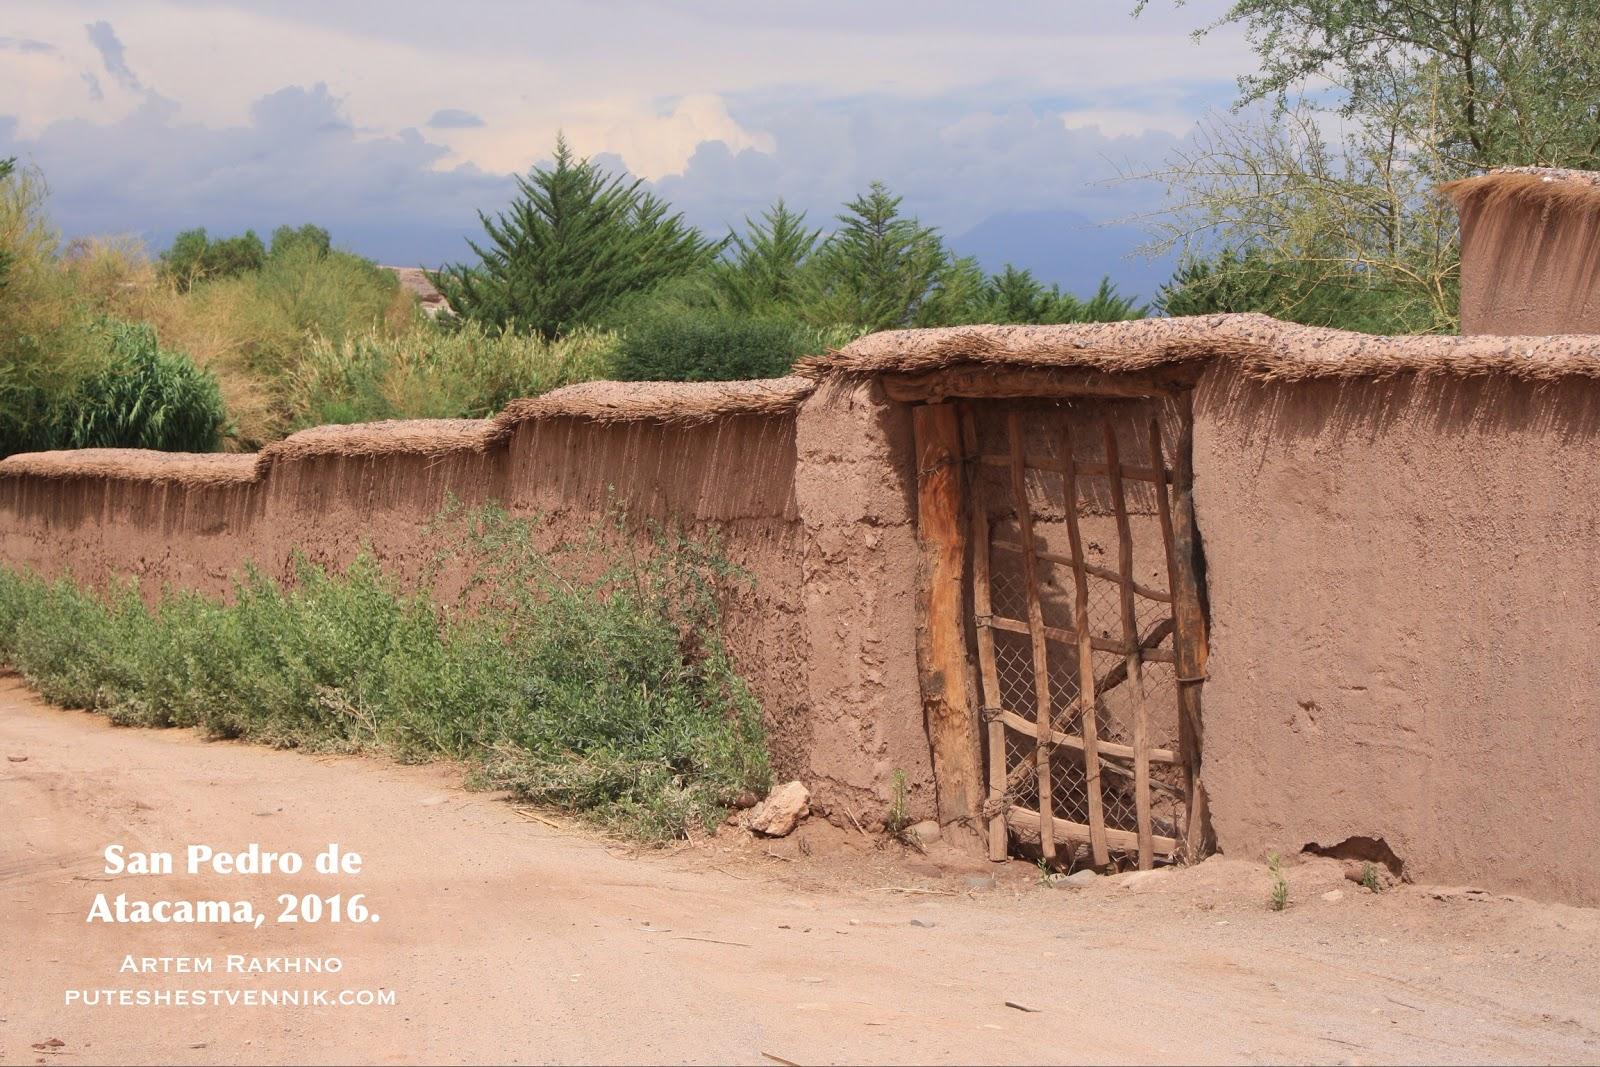 Ограда в Сан-Педро-де-Атакама